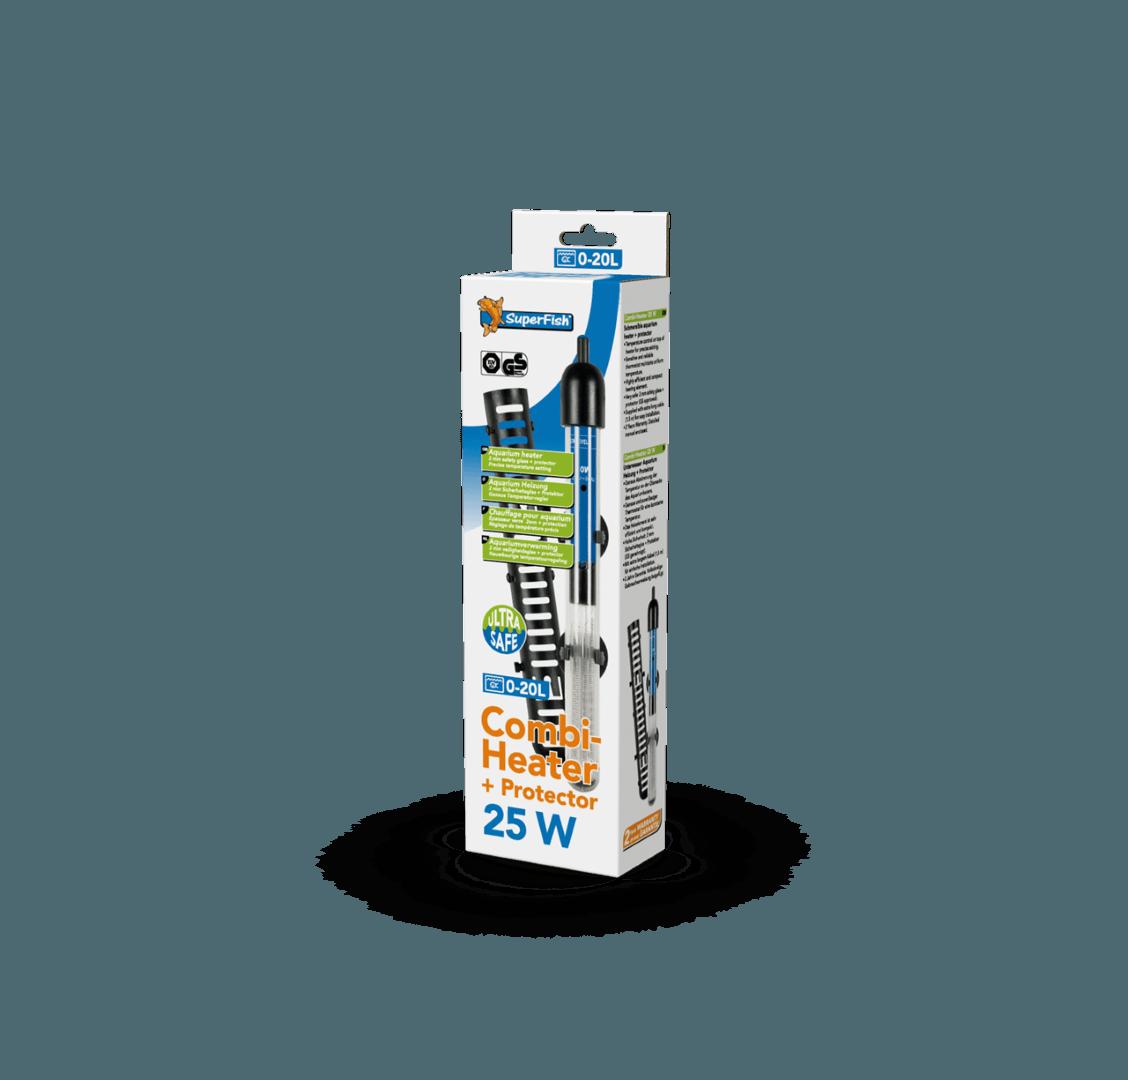 Superfish gs combi heater 25 watt